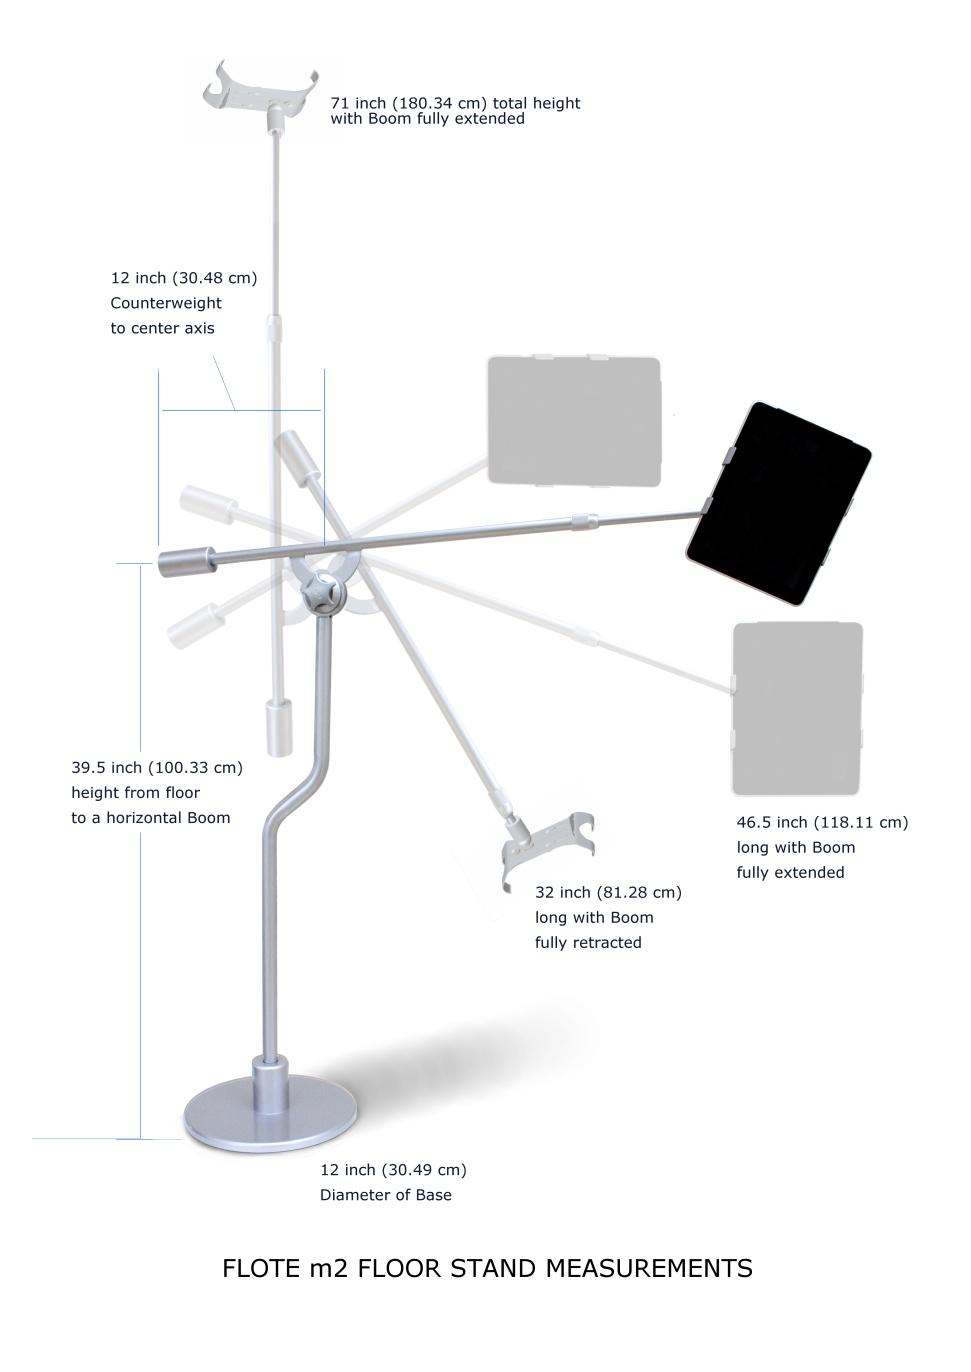 FULL+FLOTE+m2+w+measurements.jpg